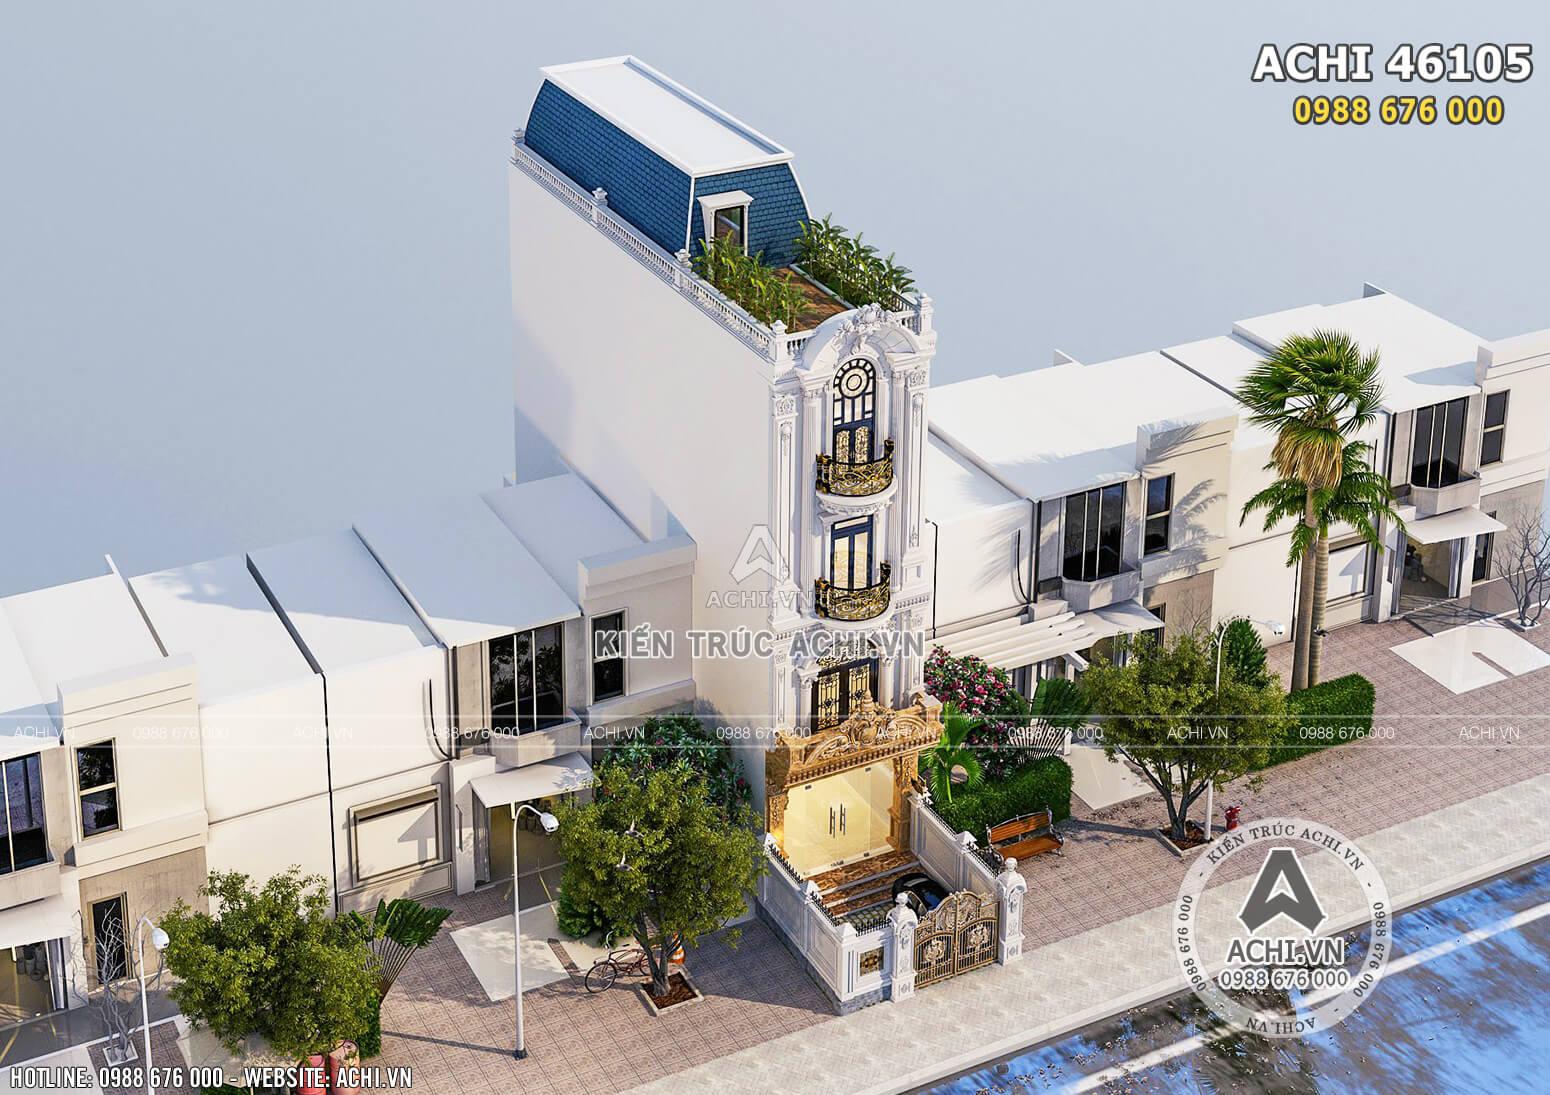 Thiết kế nhà ống mặt tiền 5m tân cổ điển 4 tầng đẹp tại Hà Nội - ACHI 46105